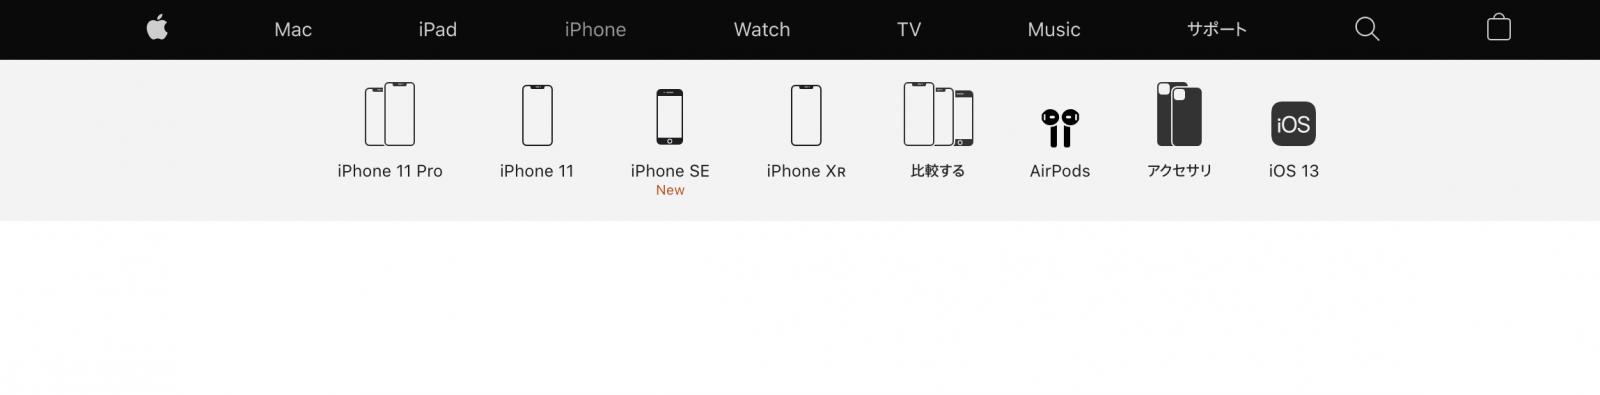 iPhone アクティべーションロック、公式サポートサイトを読んでもできない!